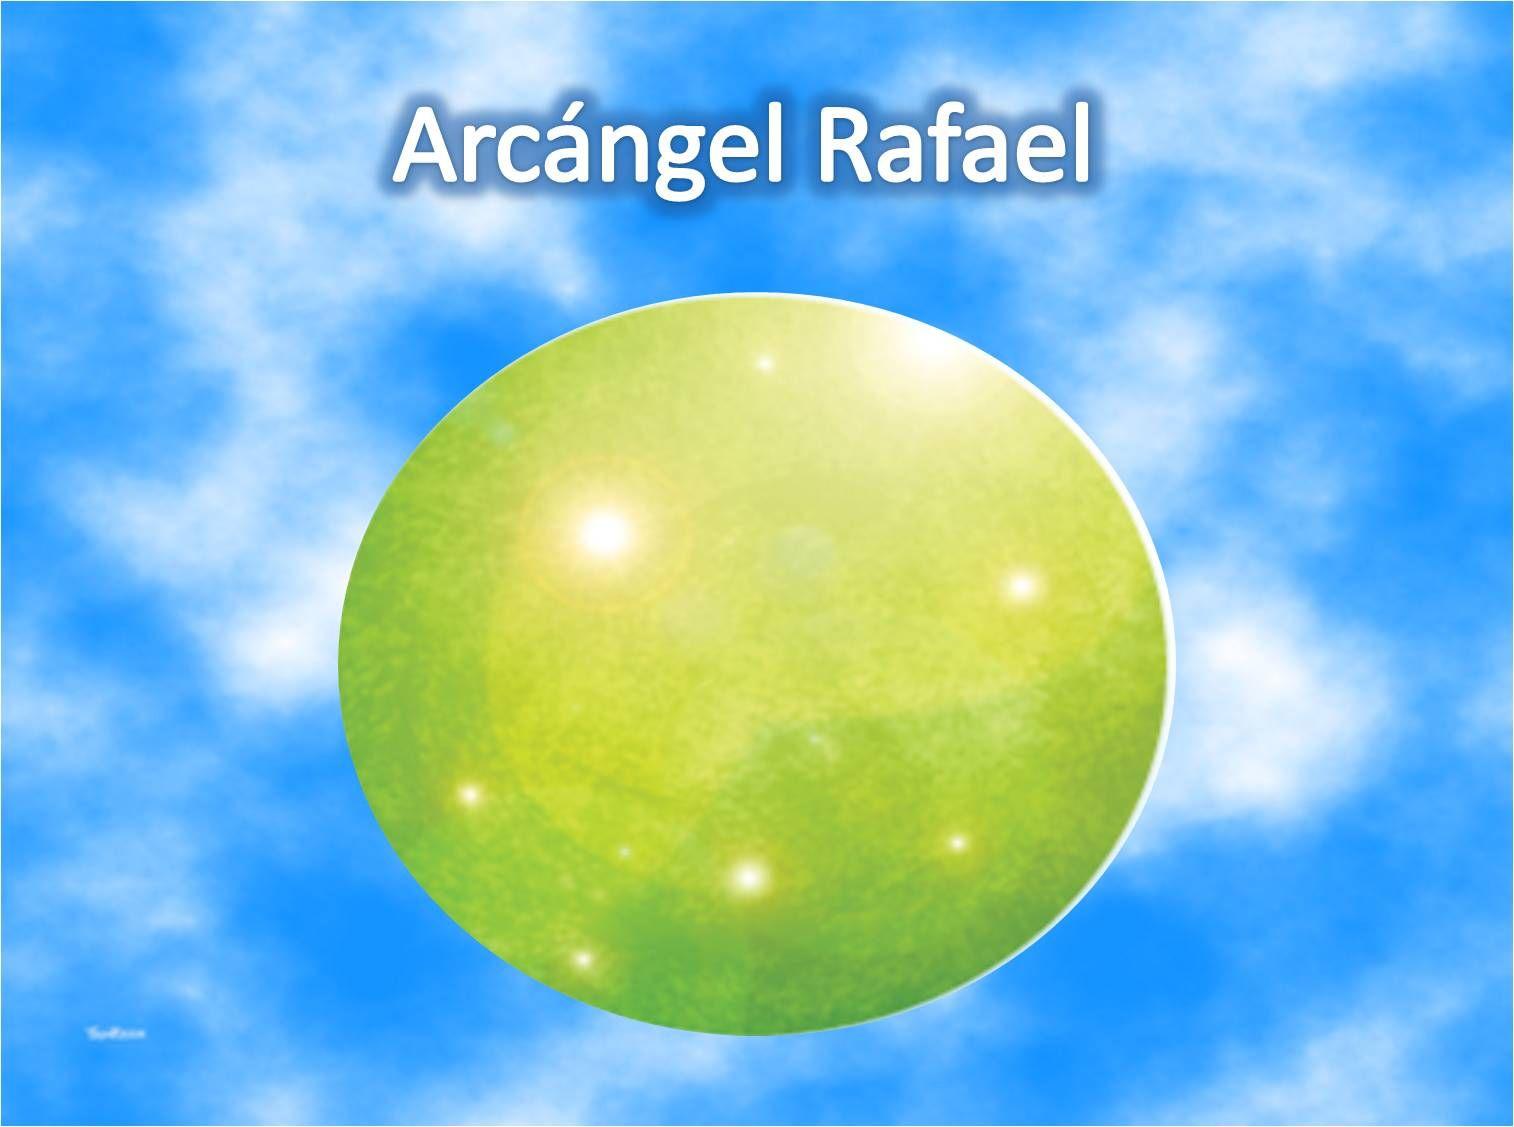 sanaciones angelicales - Buscar con Google